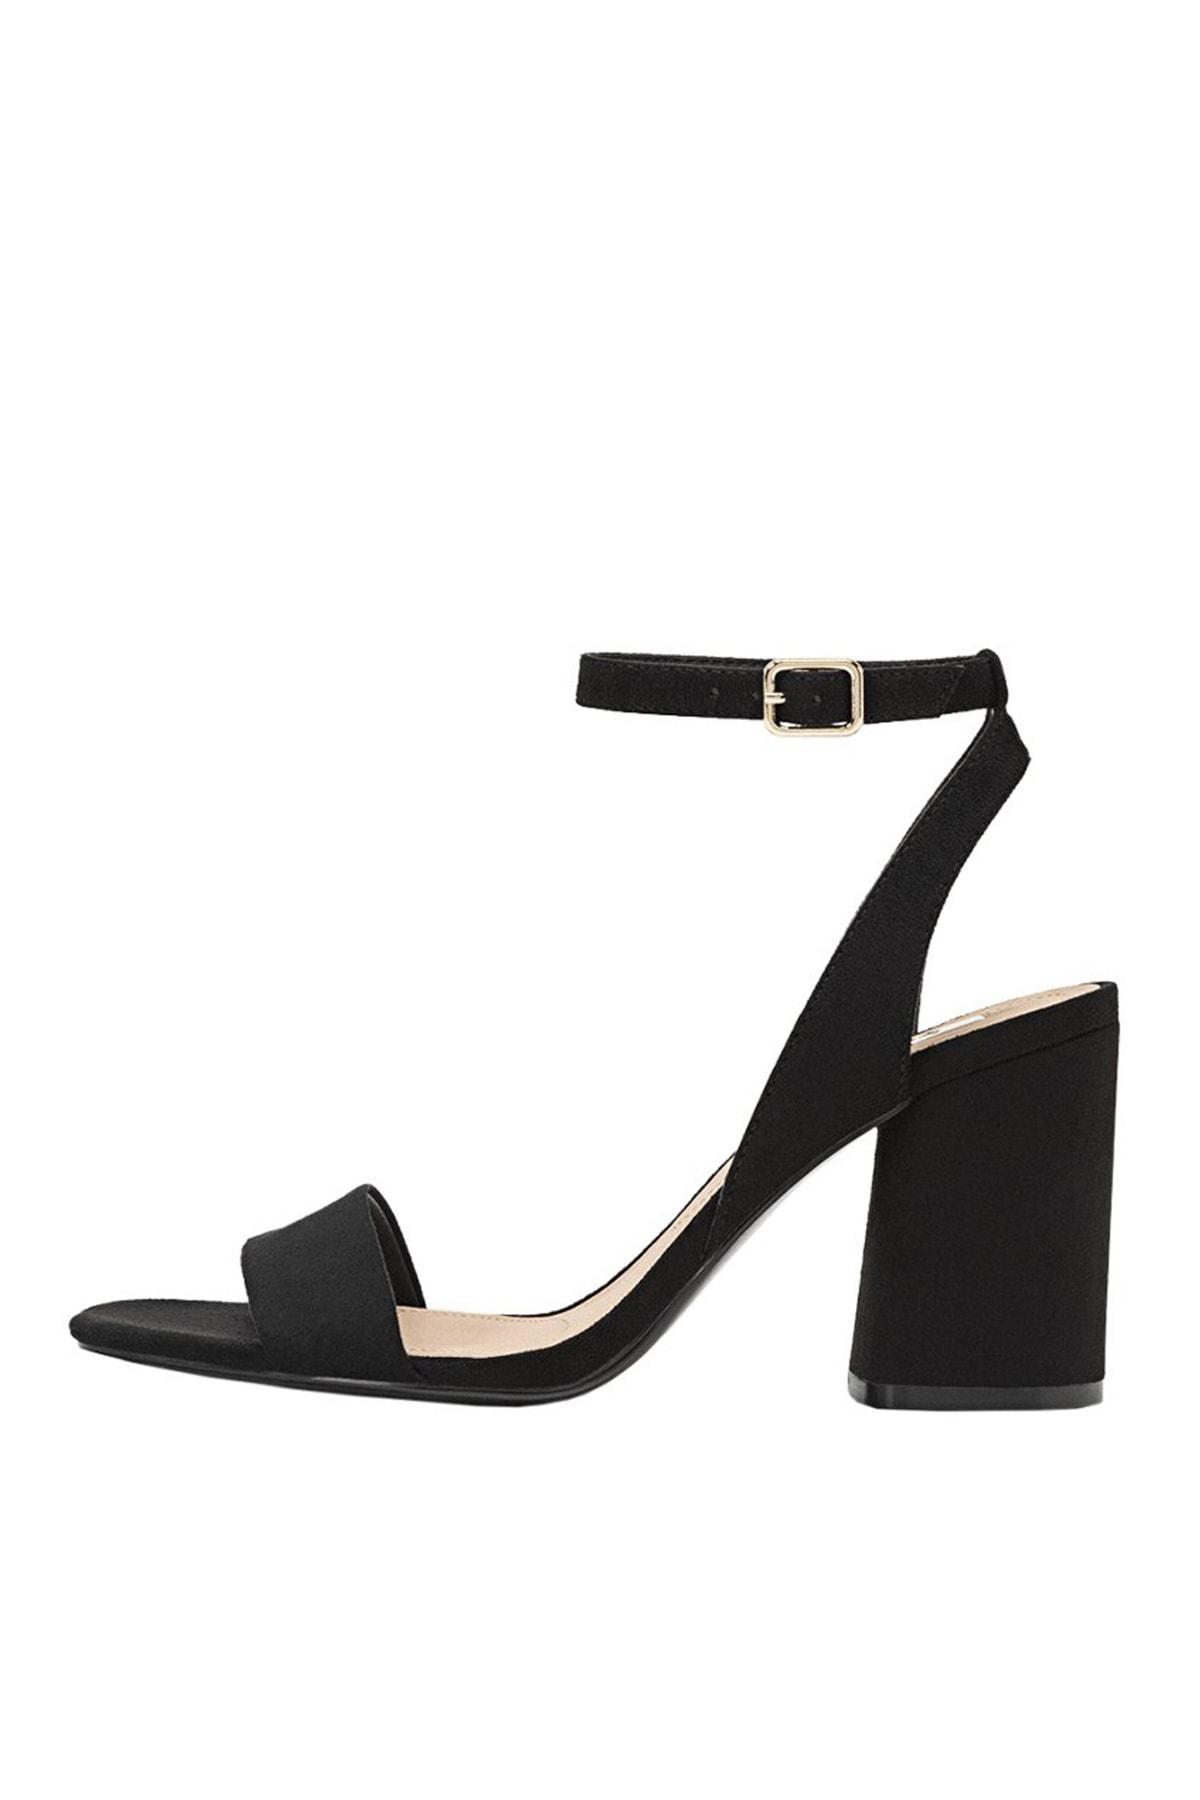 Stradivarius Kadın Siyah Bilekten Bantlı Topuklu Sandalet 19202570 0